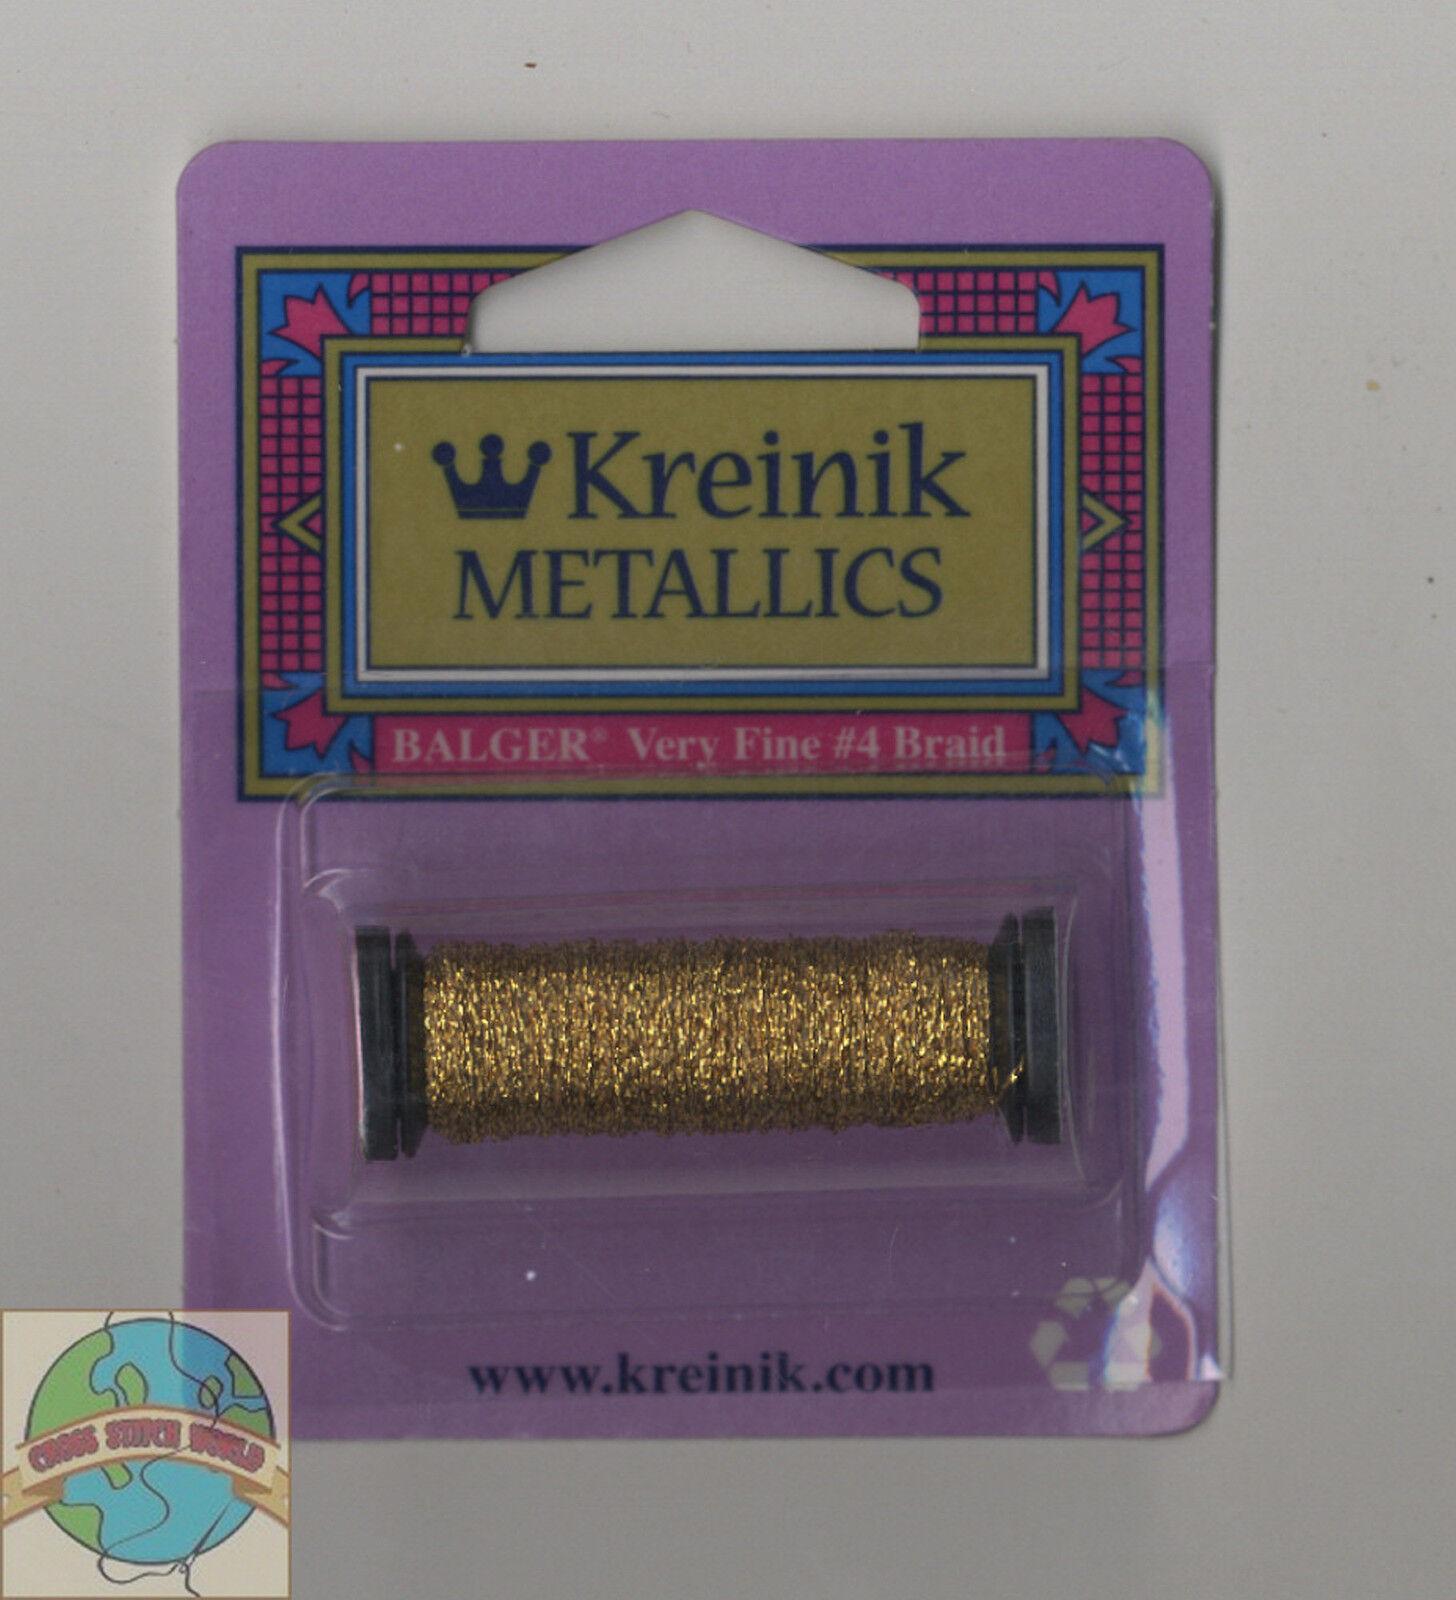 Kreinik très fine Metallic Braid #4 12yd-hi Lustre Aztec Gold